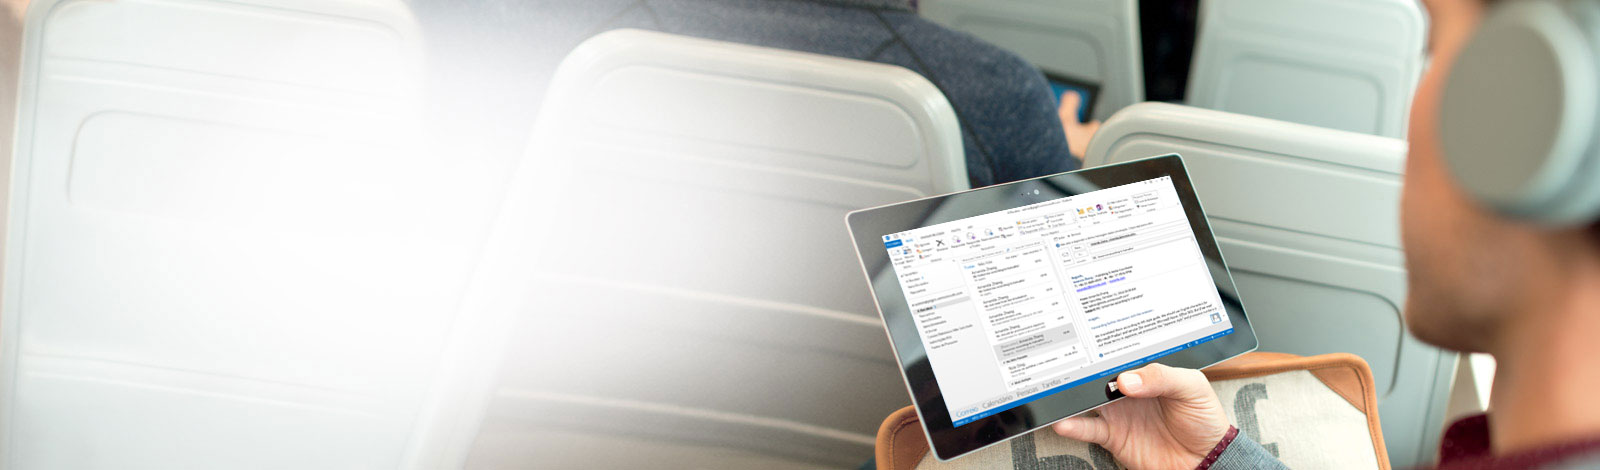 Um homem com um tablet a mostrar a sua pasta A receber. Aceda ao e-mail em qualquer lugar com o Office 365.